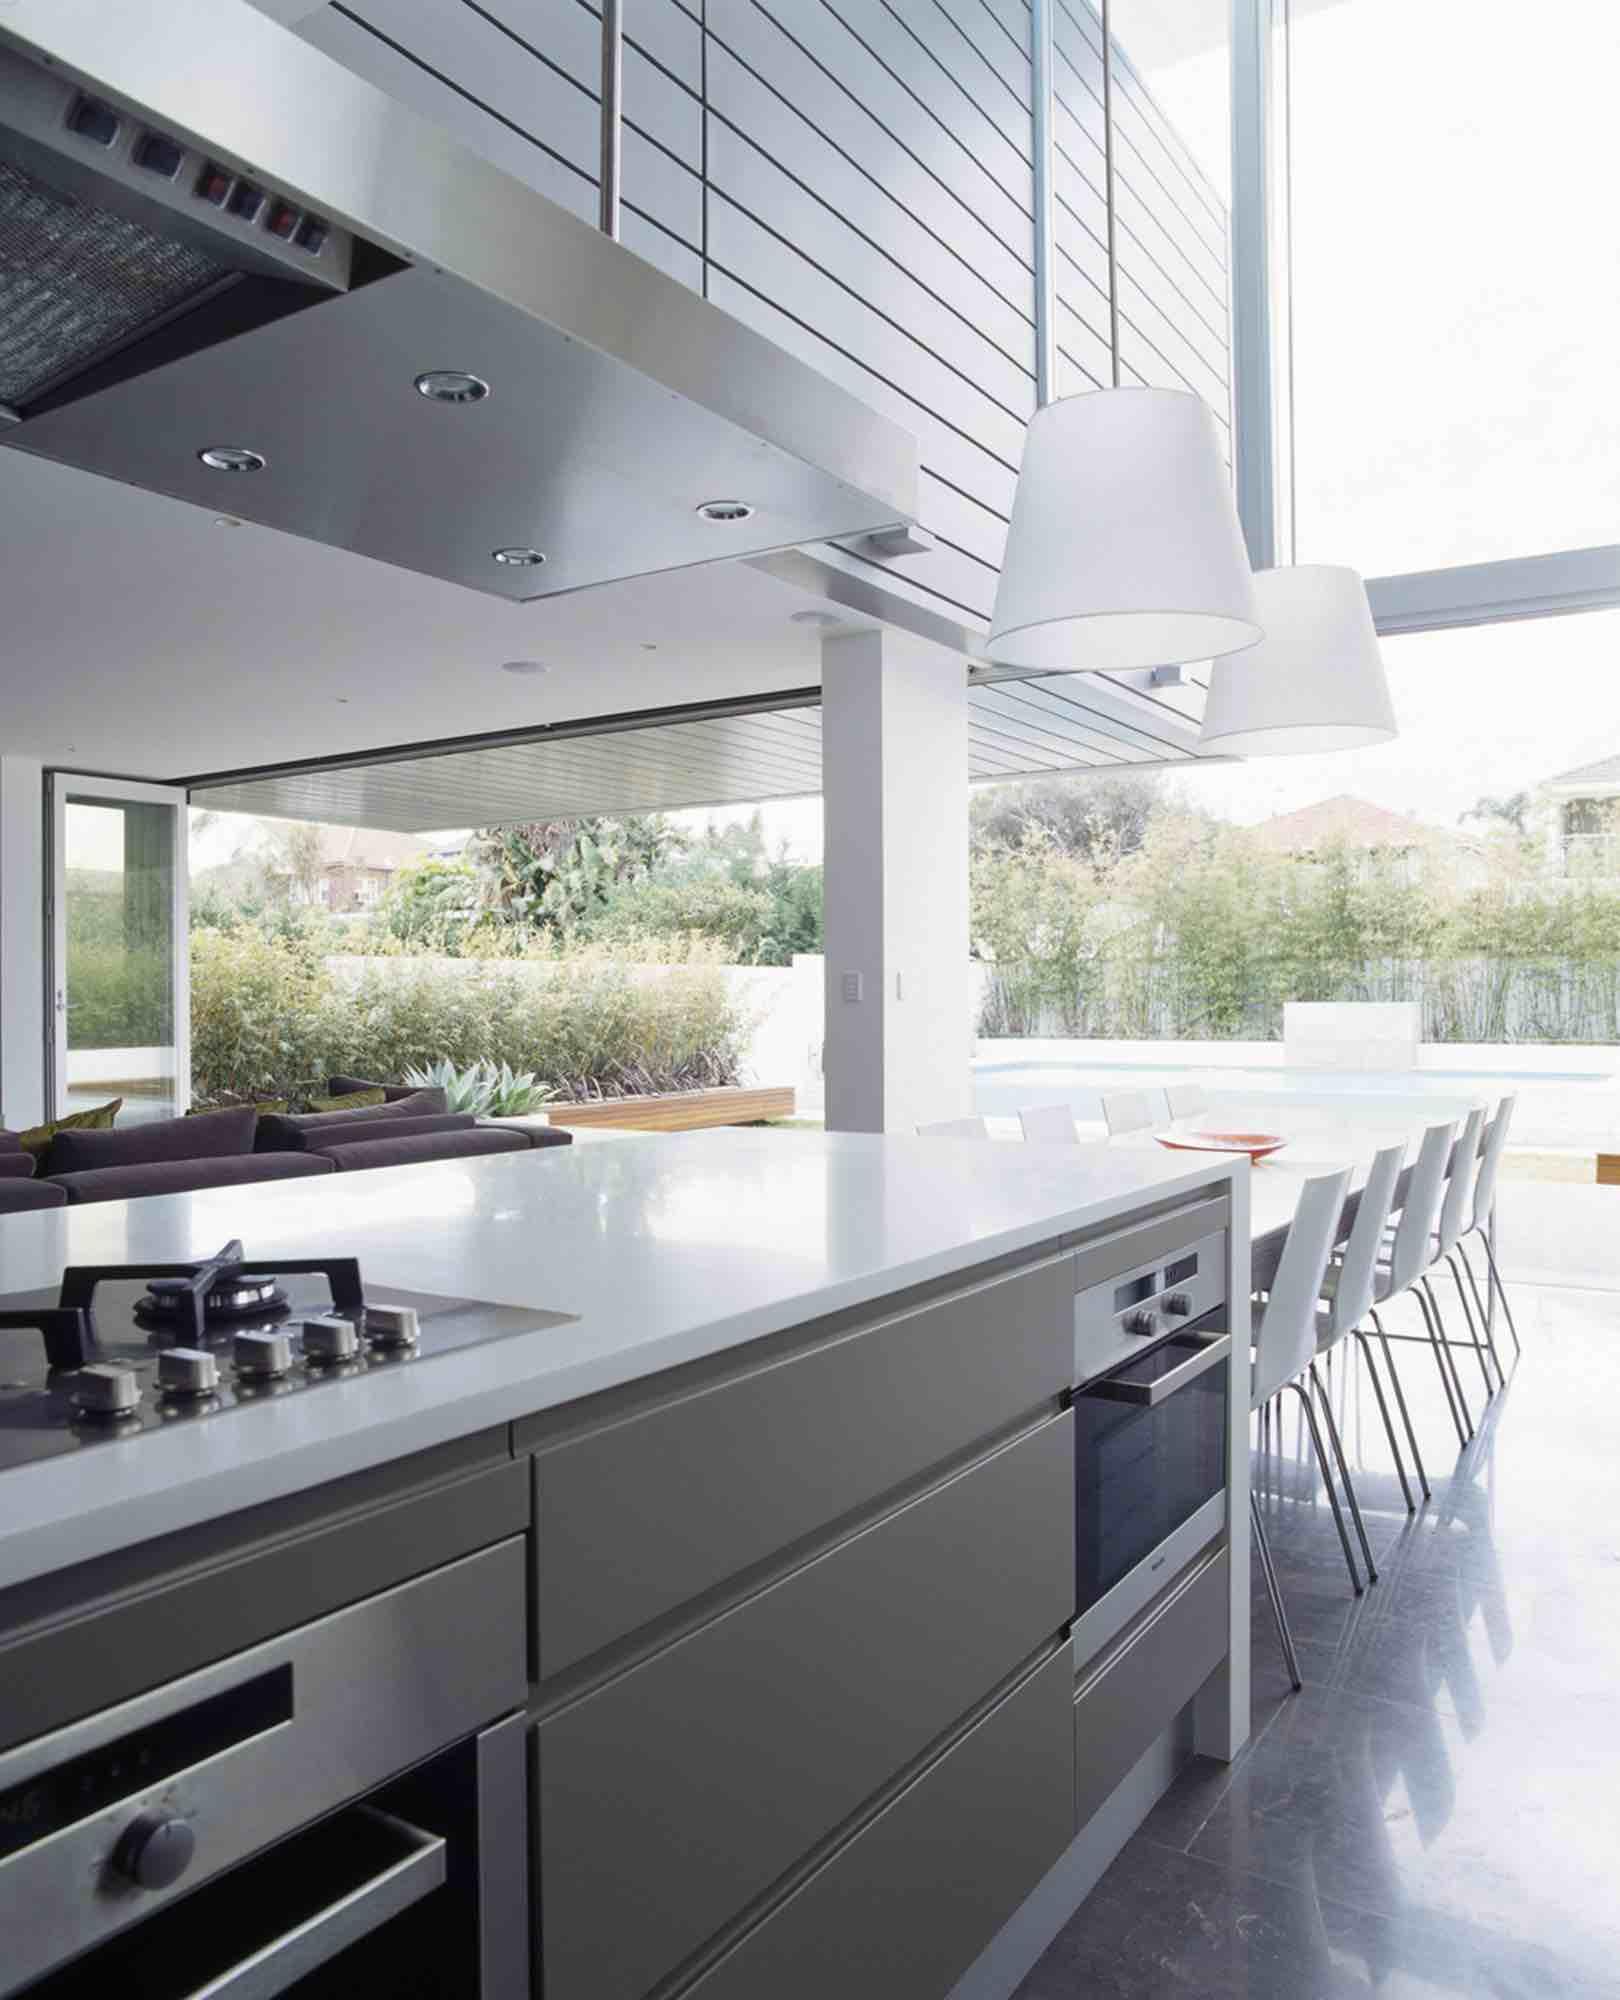 minosa-design-open-plan-high-ceiling-void-large-dinning-table-corian-benchtop-minosa-kitchen-gilda-07